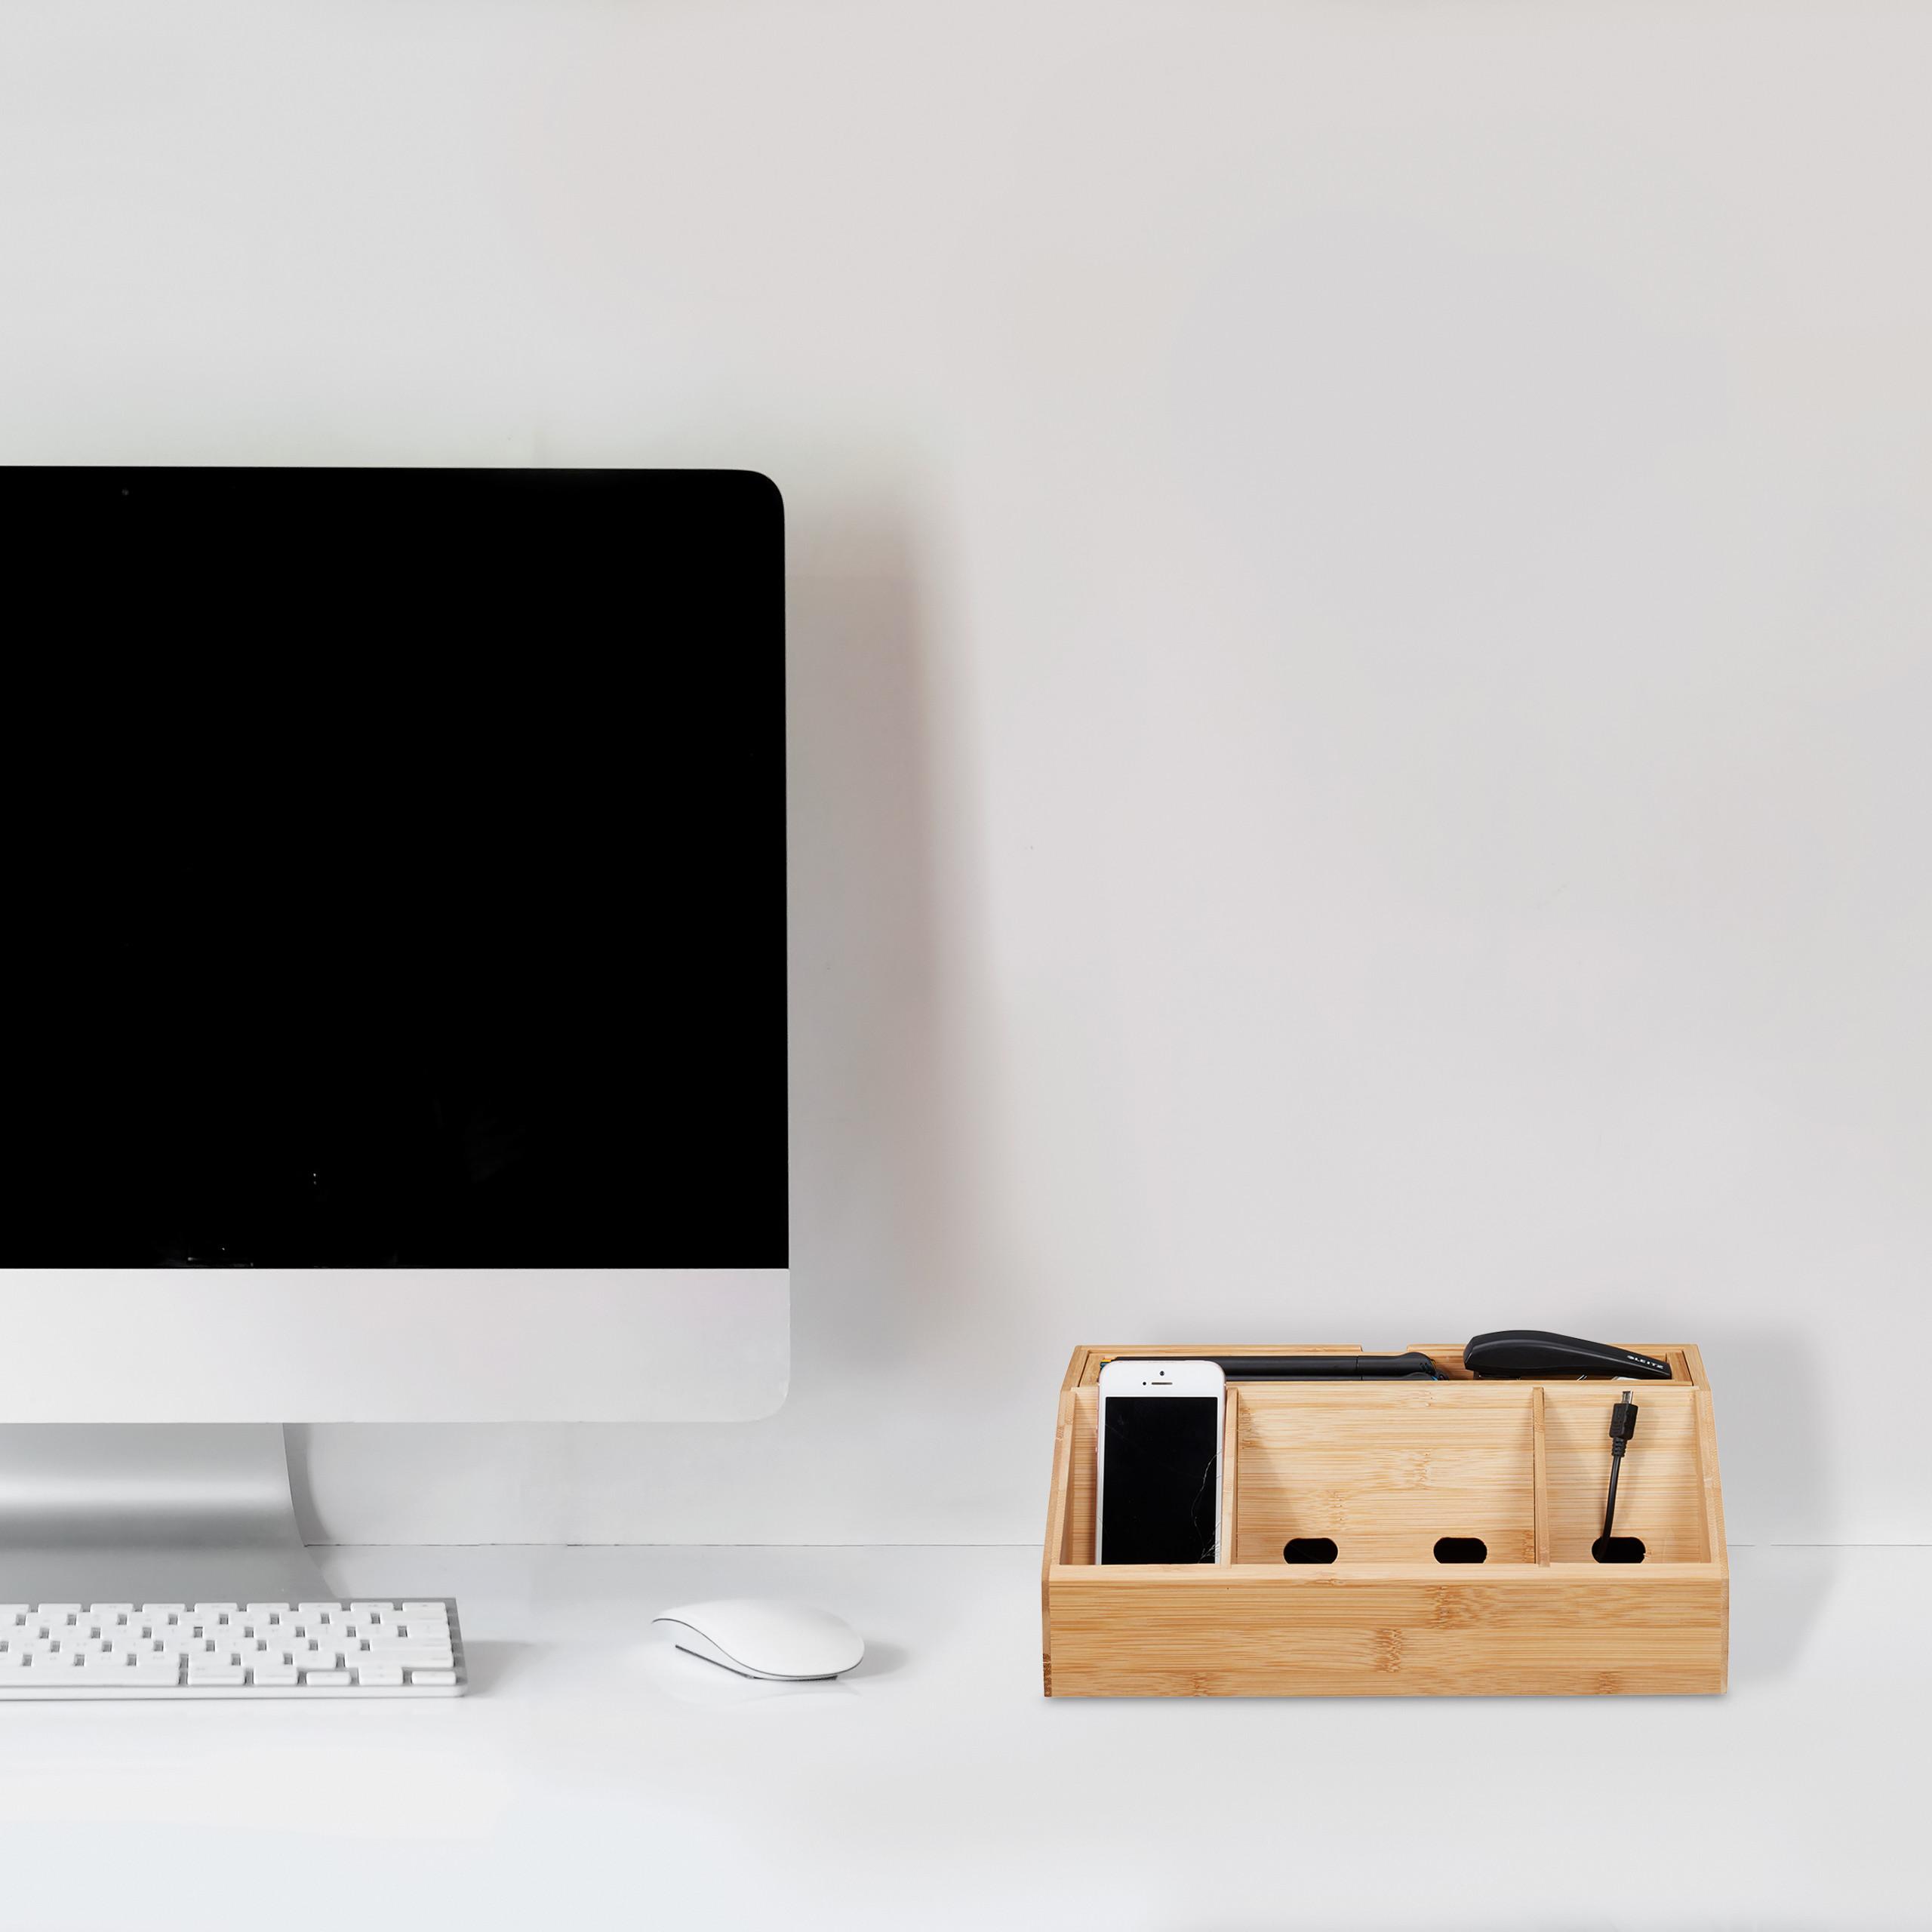 Schreibtisch-Organizer Bambus Ladestation Büro Organizer Handyhalter Stiftebox